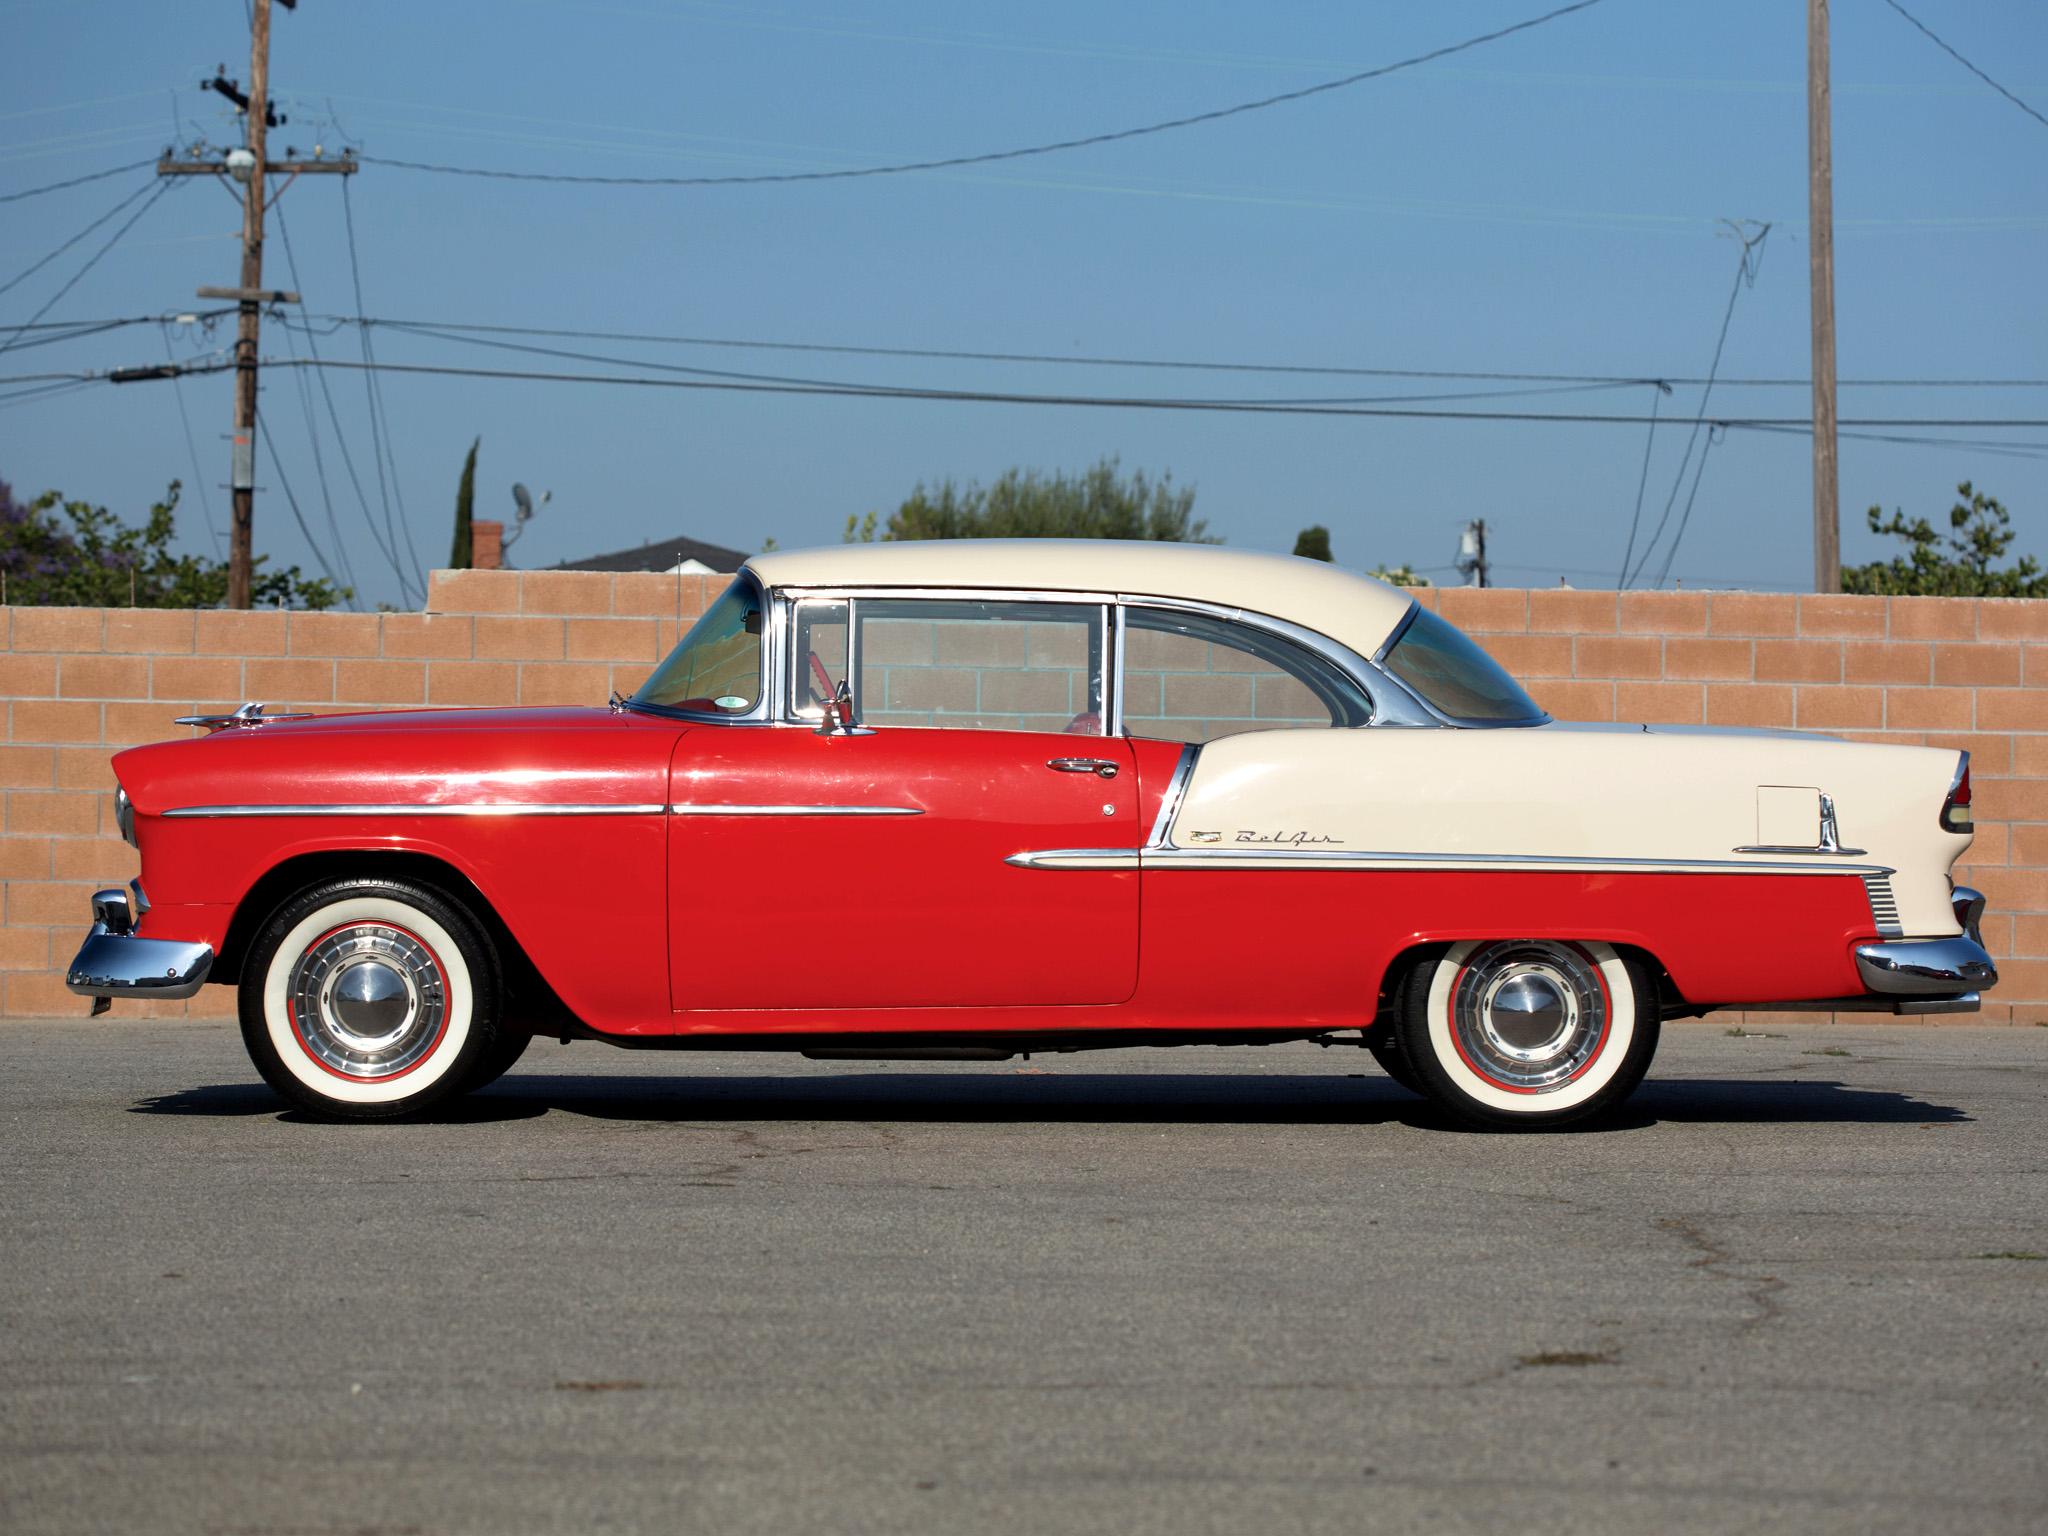 1955 chevrolet bel air sport coupe 2454 1037d retro g wallpaper 2048x1536 115617 wallpaperup - 1955 chevrolet belair sport coupe ...